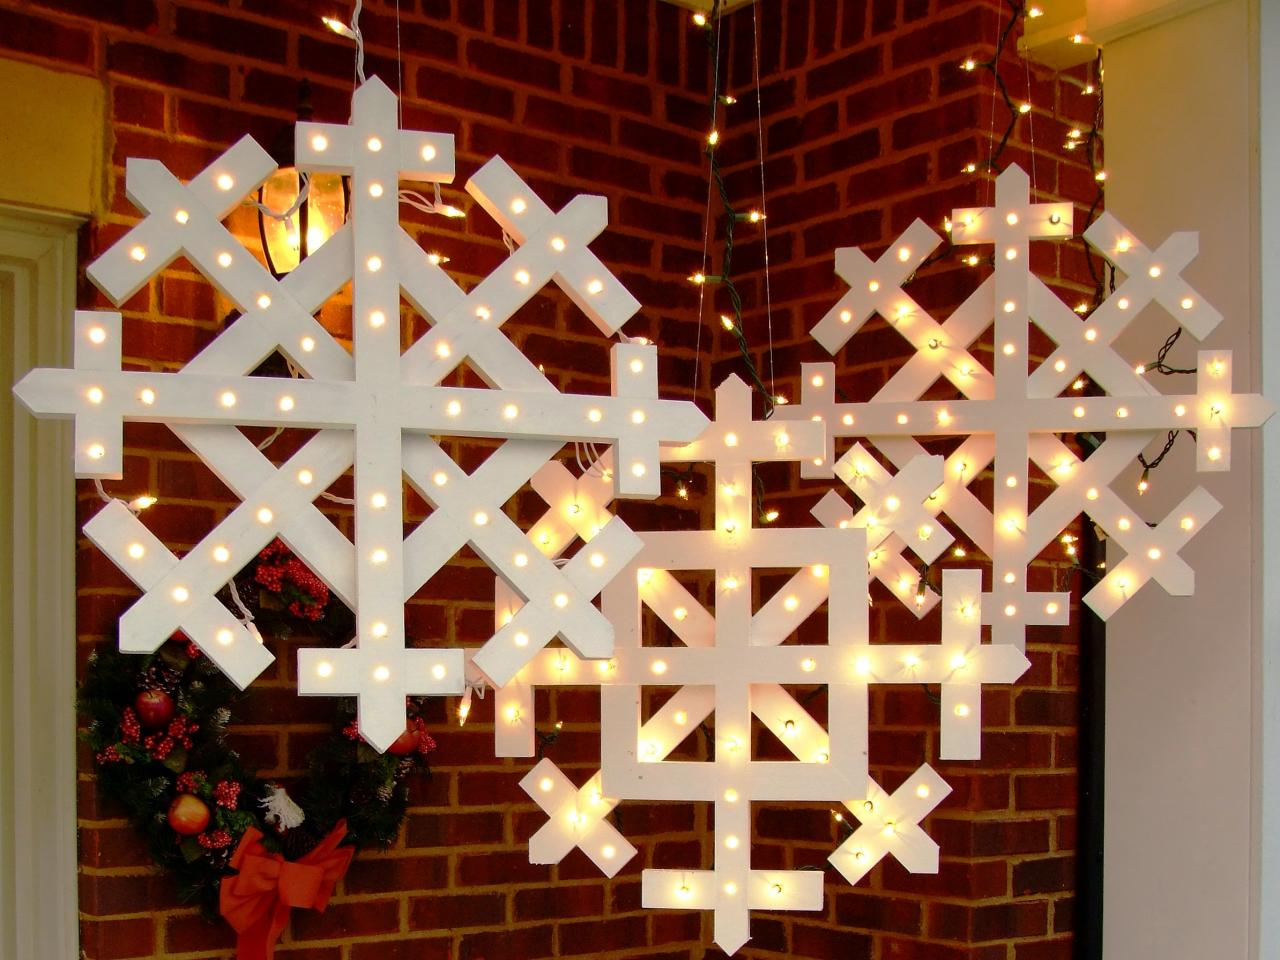 Christmas, Christmas Decor, Christmas DIY, Holiday Decor, DIY Holiday, Popular Pin, Holiday Home Decor.